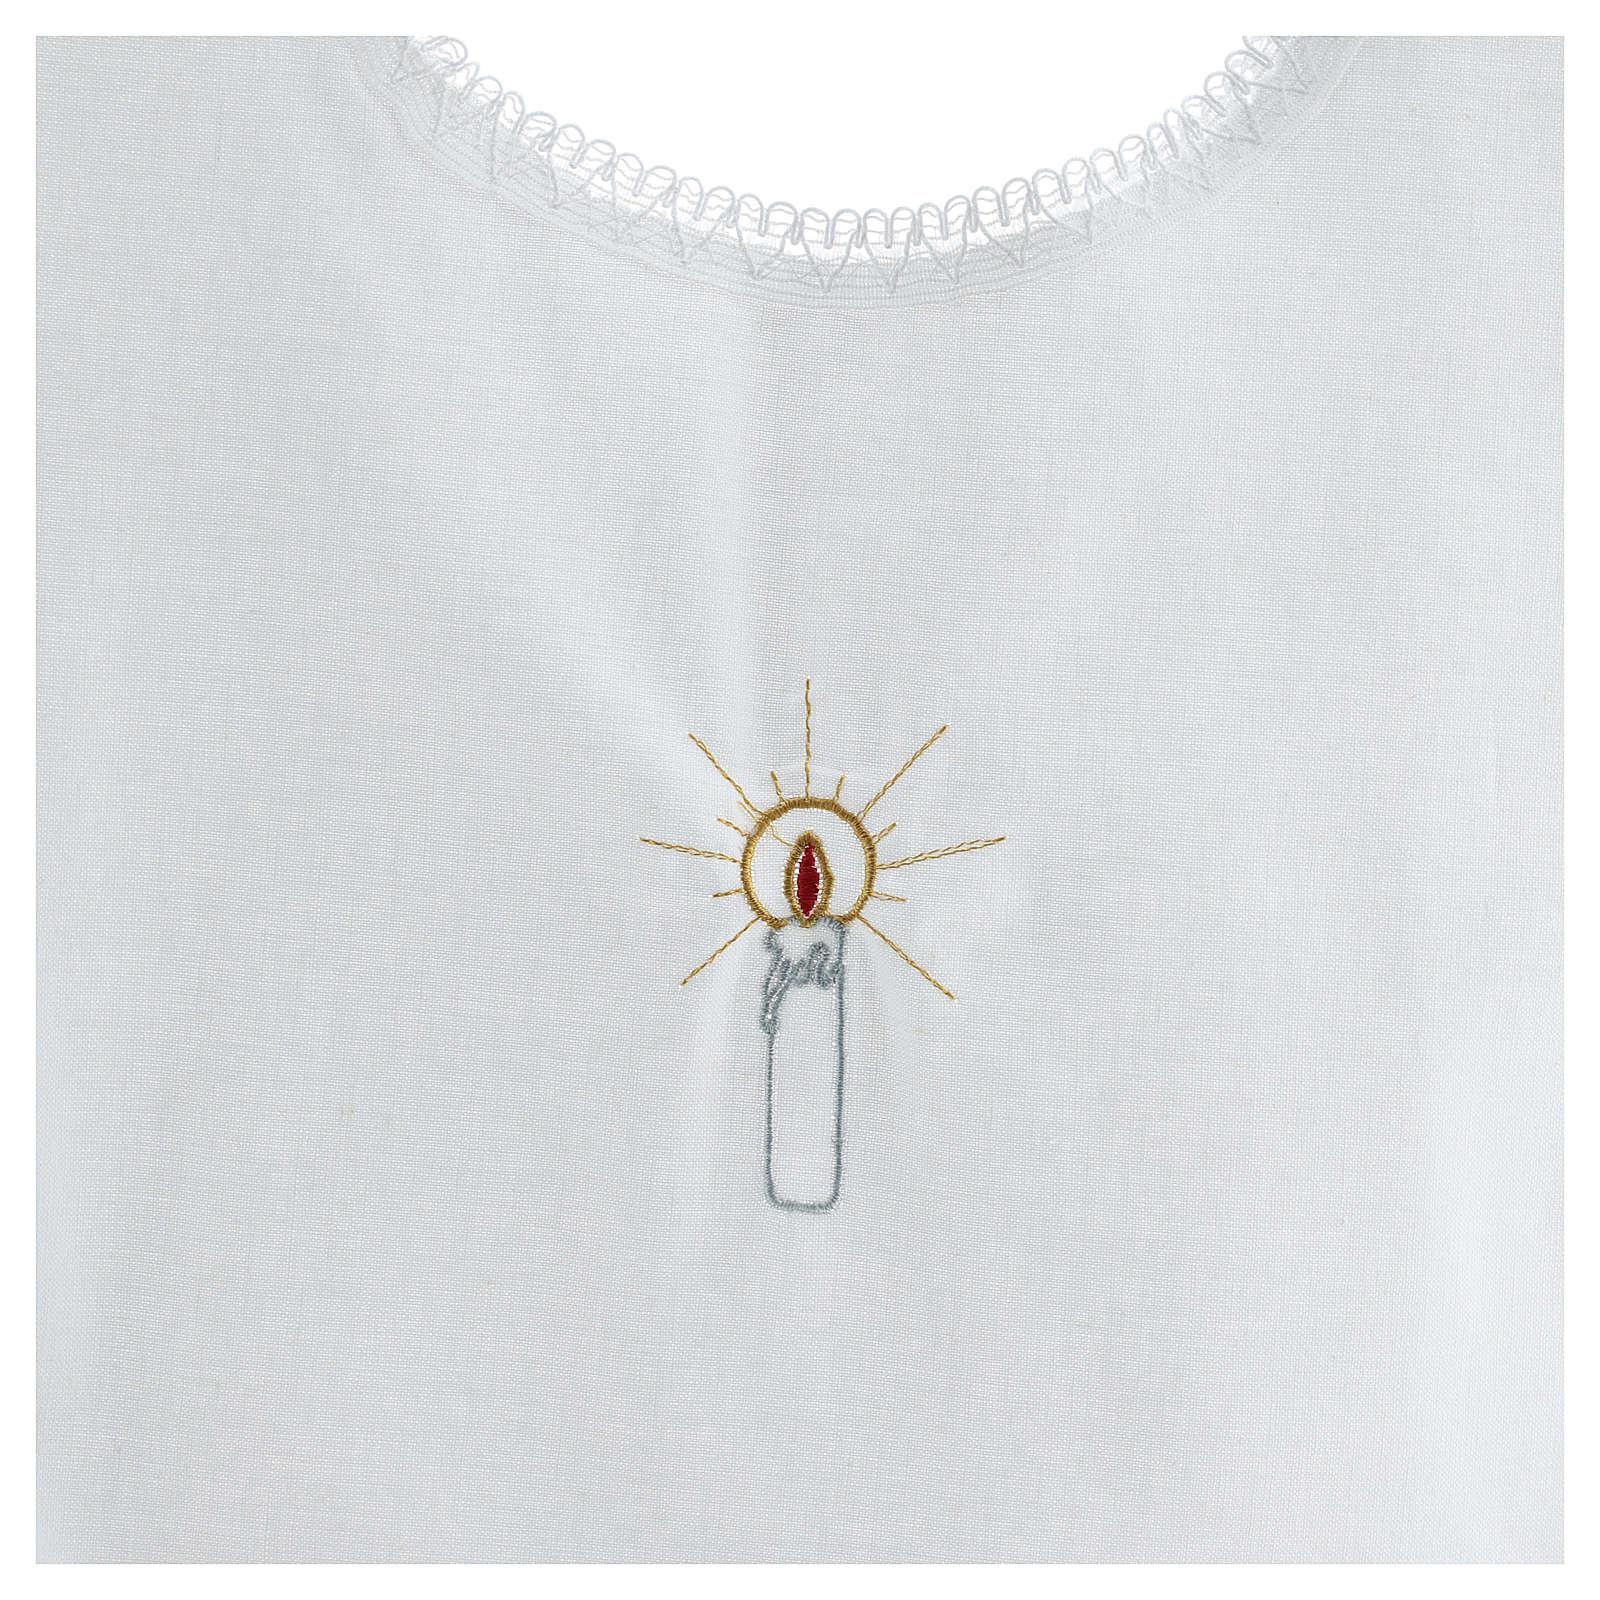 Trajecito bautismo bordado vela 100% algodón 4